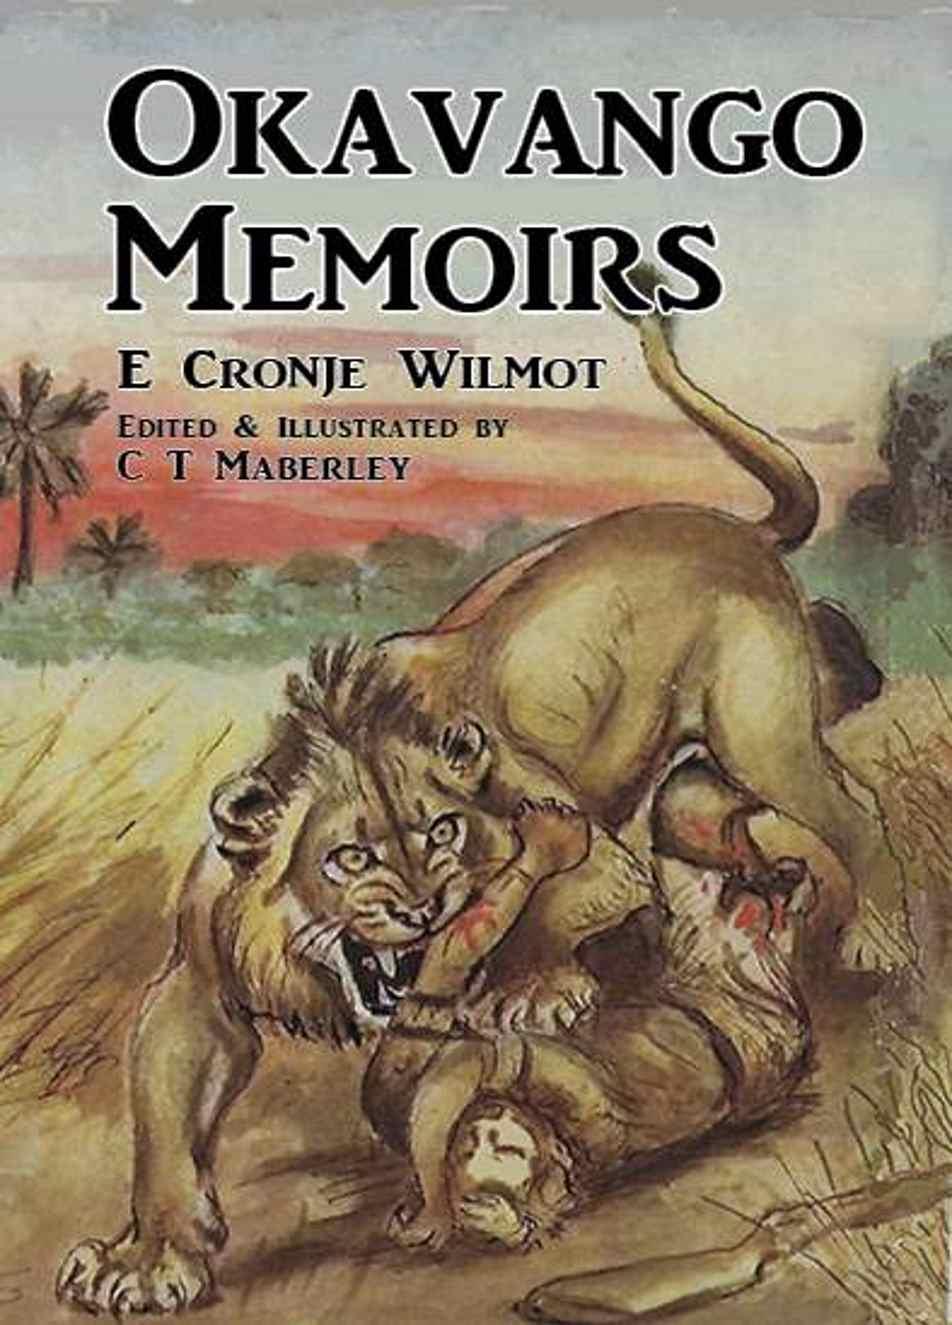 1950s Okavango Best-Seller Lives Again!